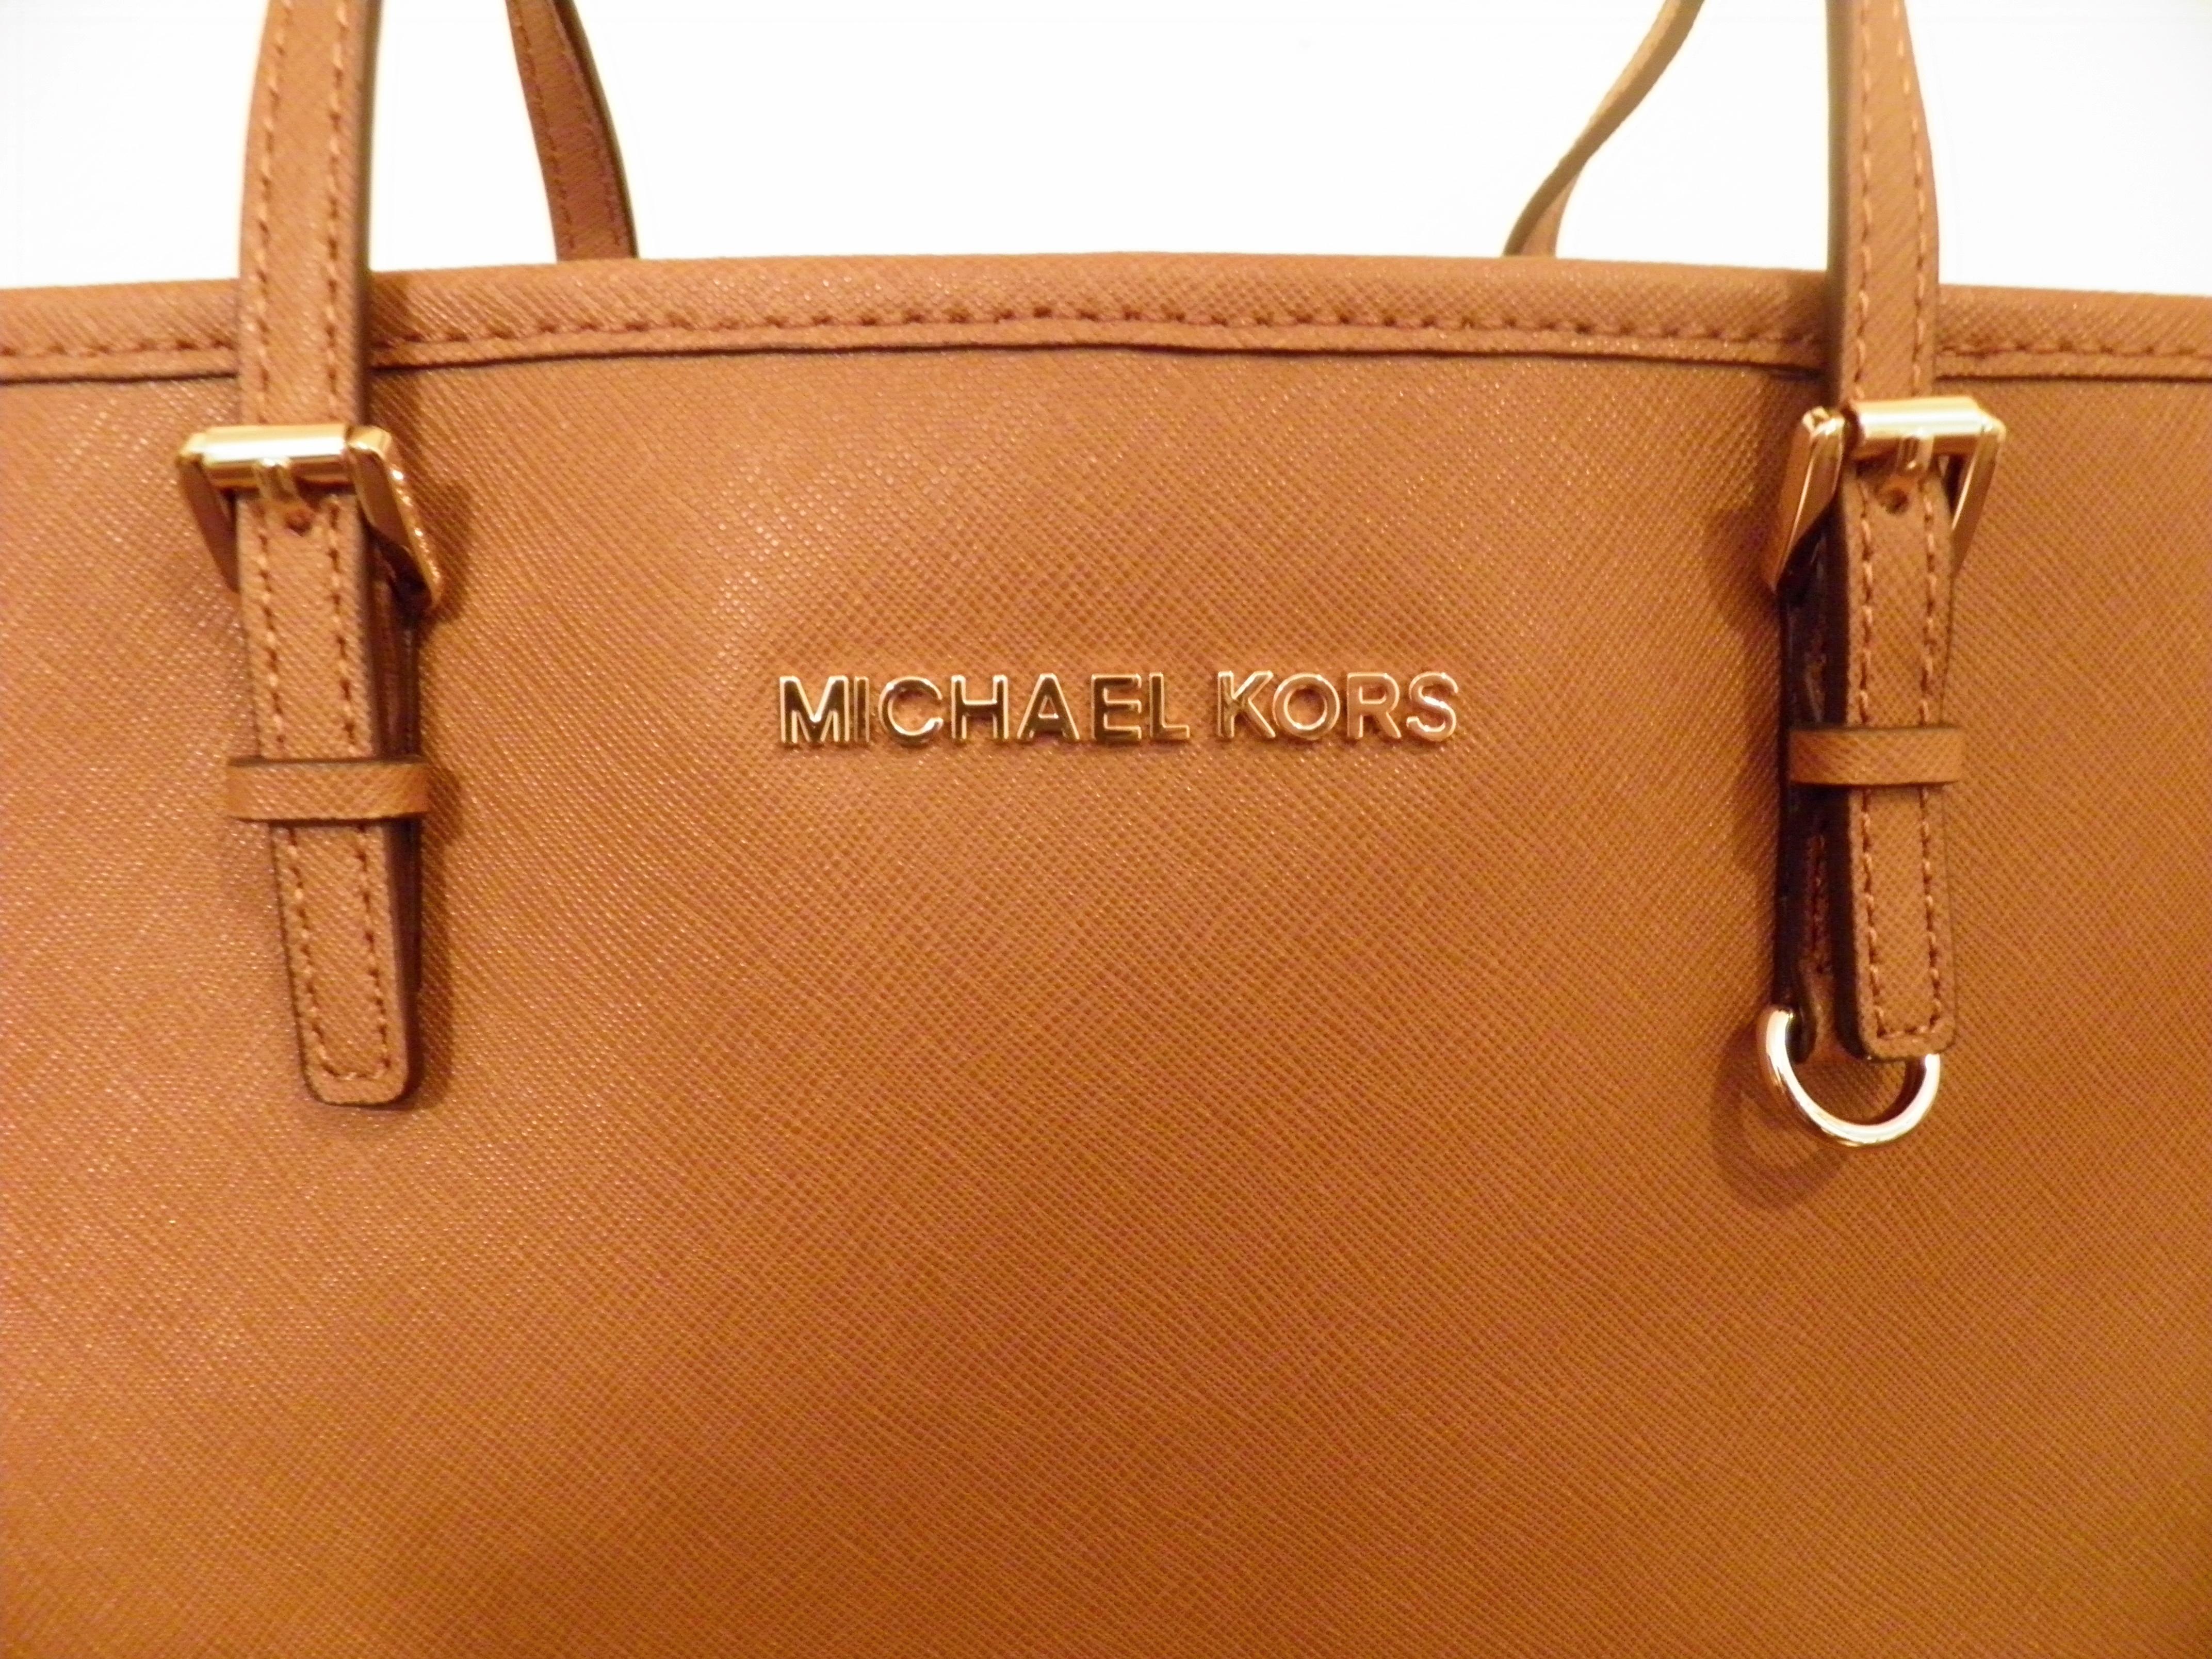 Michael Kors bag (label)